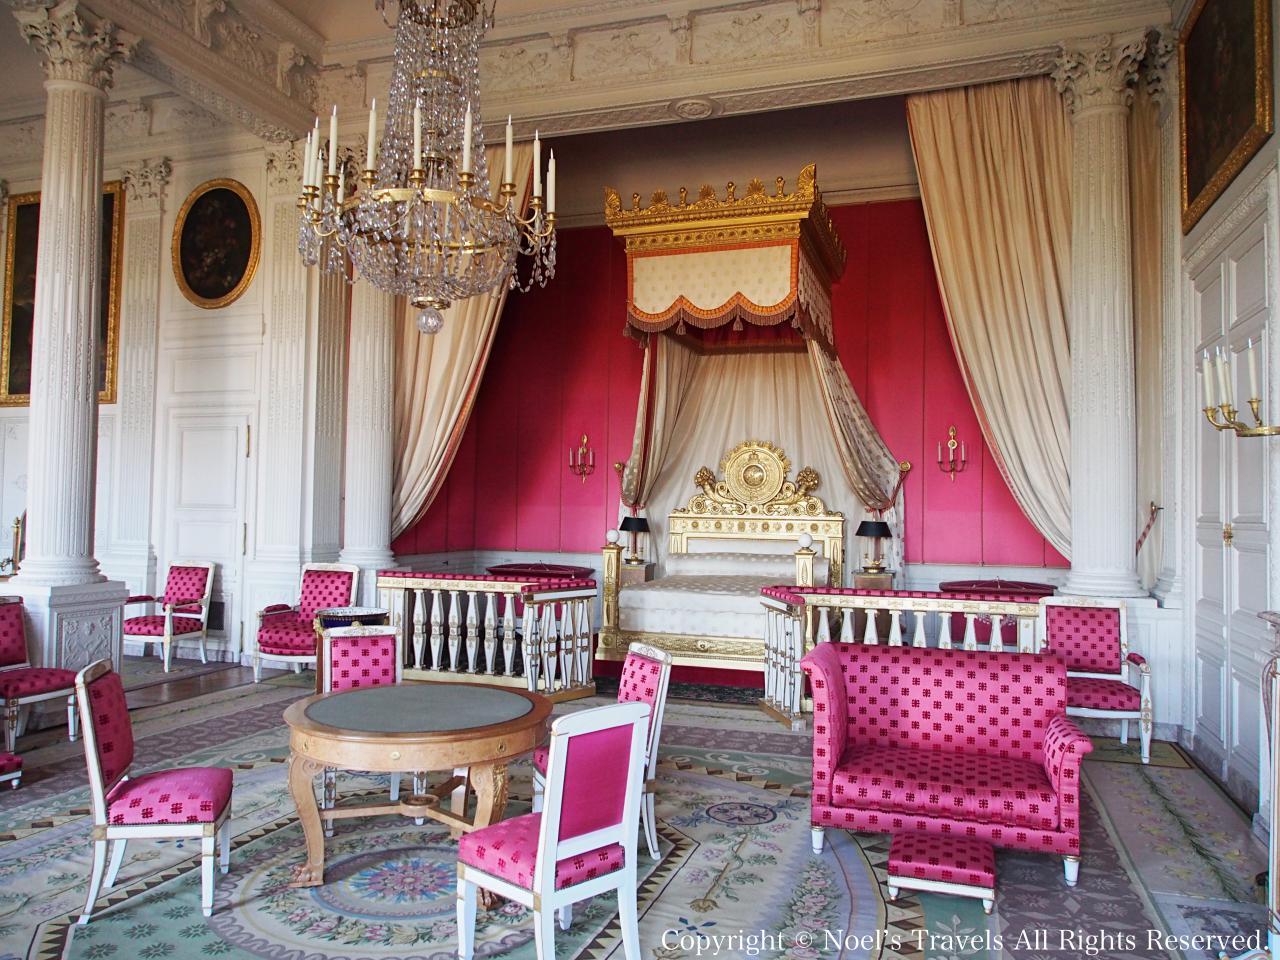 ヴェルサイユ宮殿のグラン・トリアノン